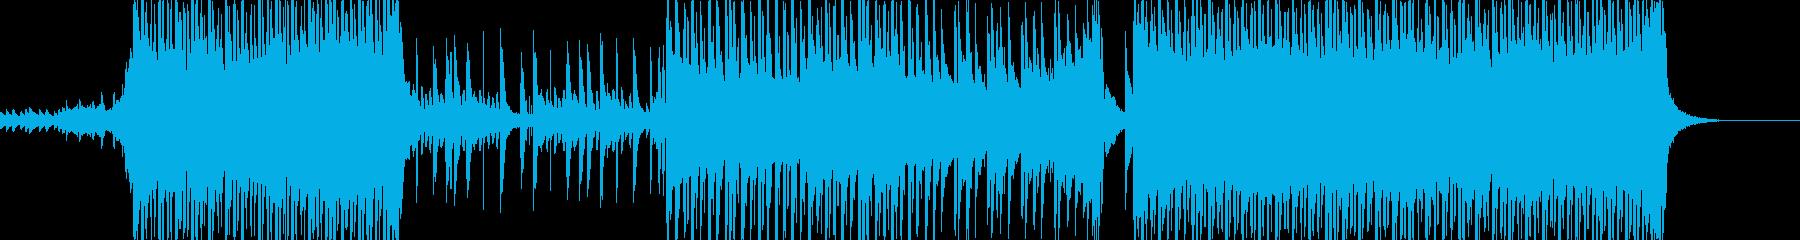 ピアノのフレーズが印象的な爽やかな曲の再生済みの波形